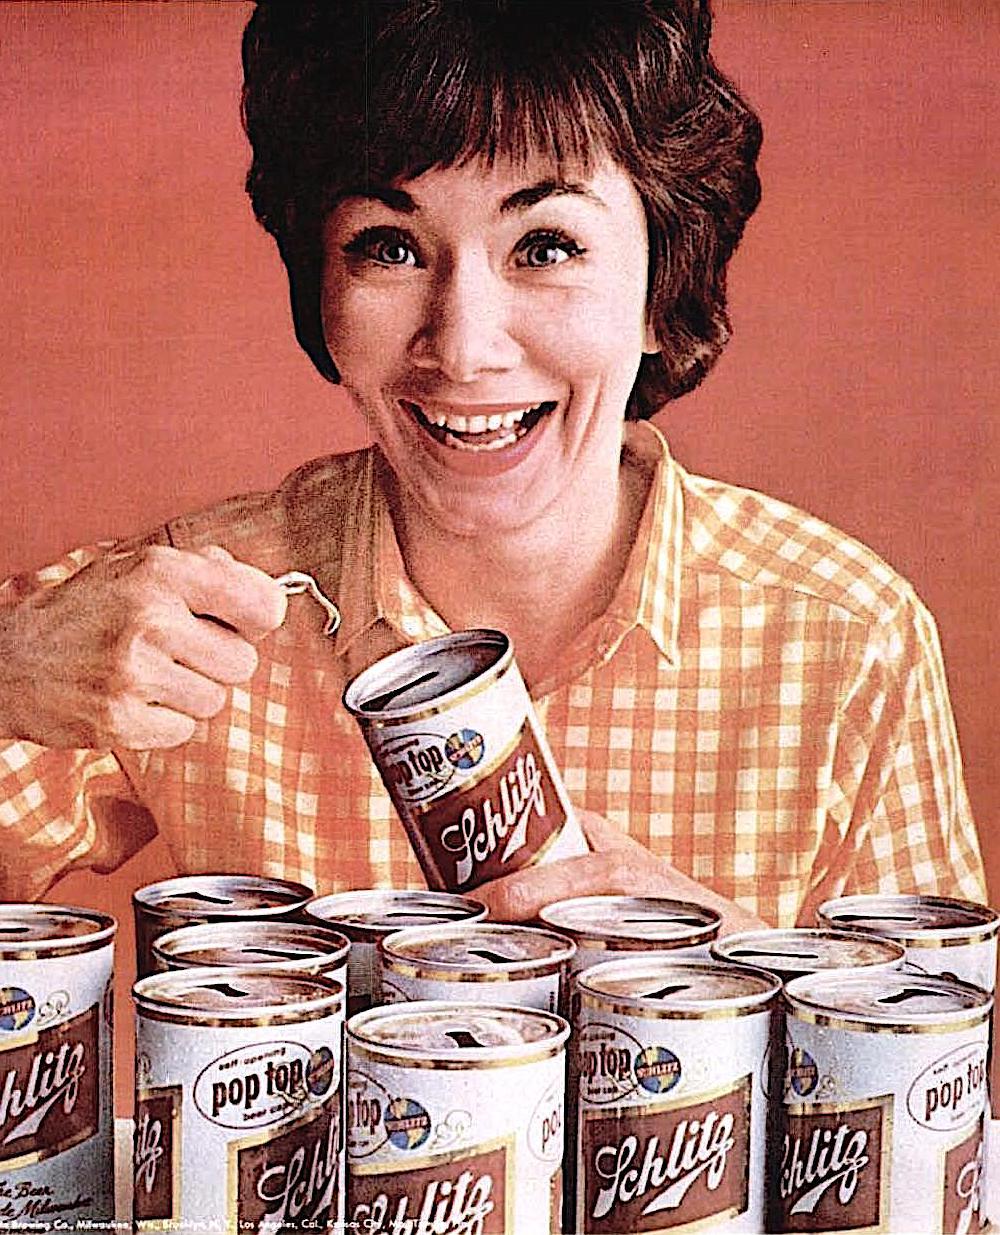 1963 Schlitz beer